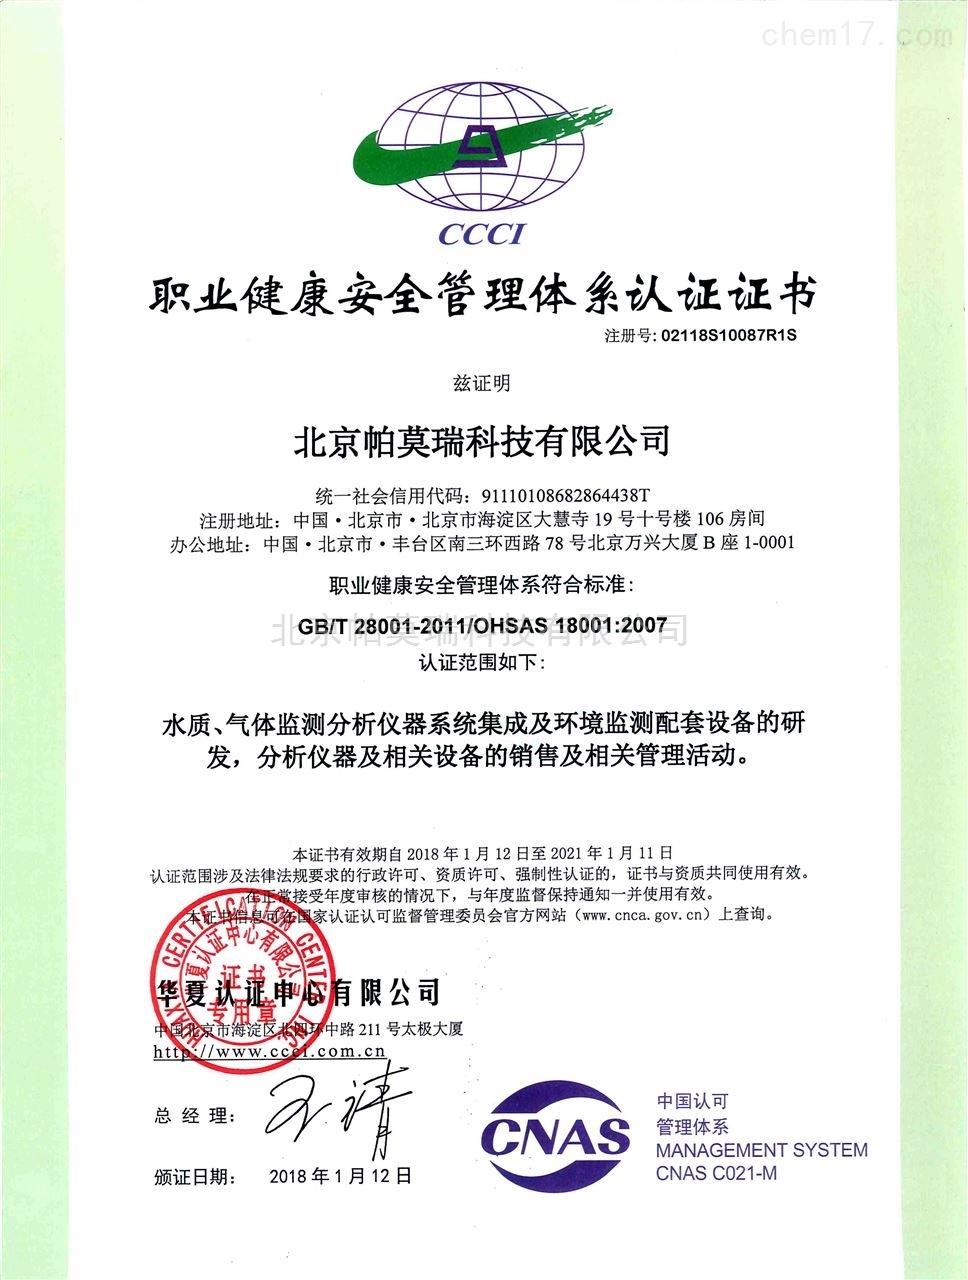 职业健康安全管理体系认证ISO18001